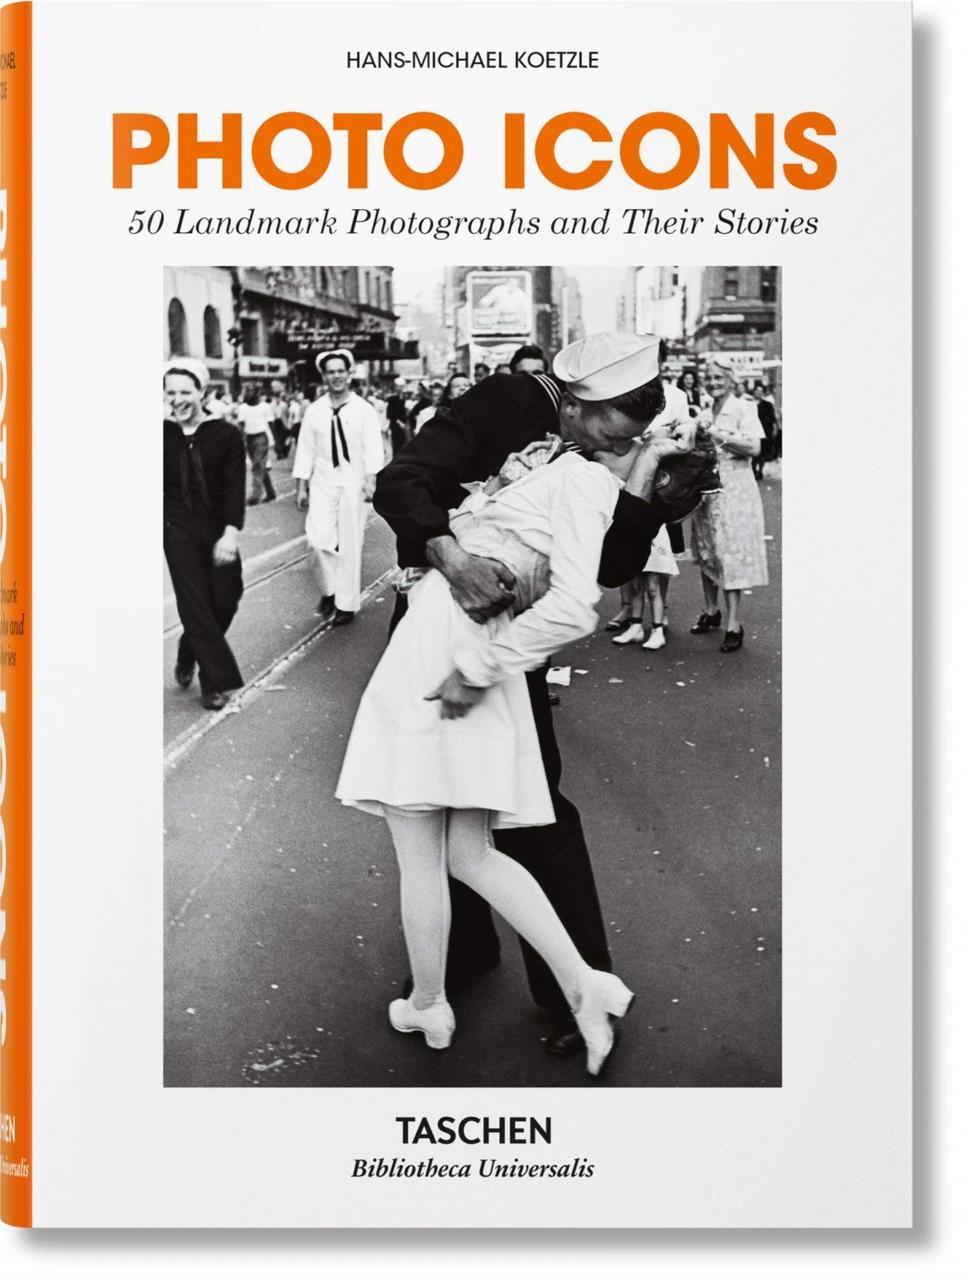 Известные фотографы. Photo Icons. 50 Landmark Photographs and Their Stories. Hans-Michael Koetzle